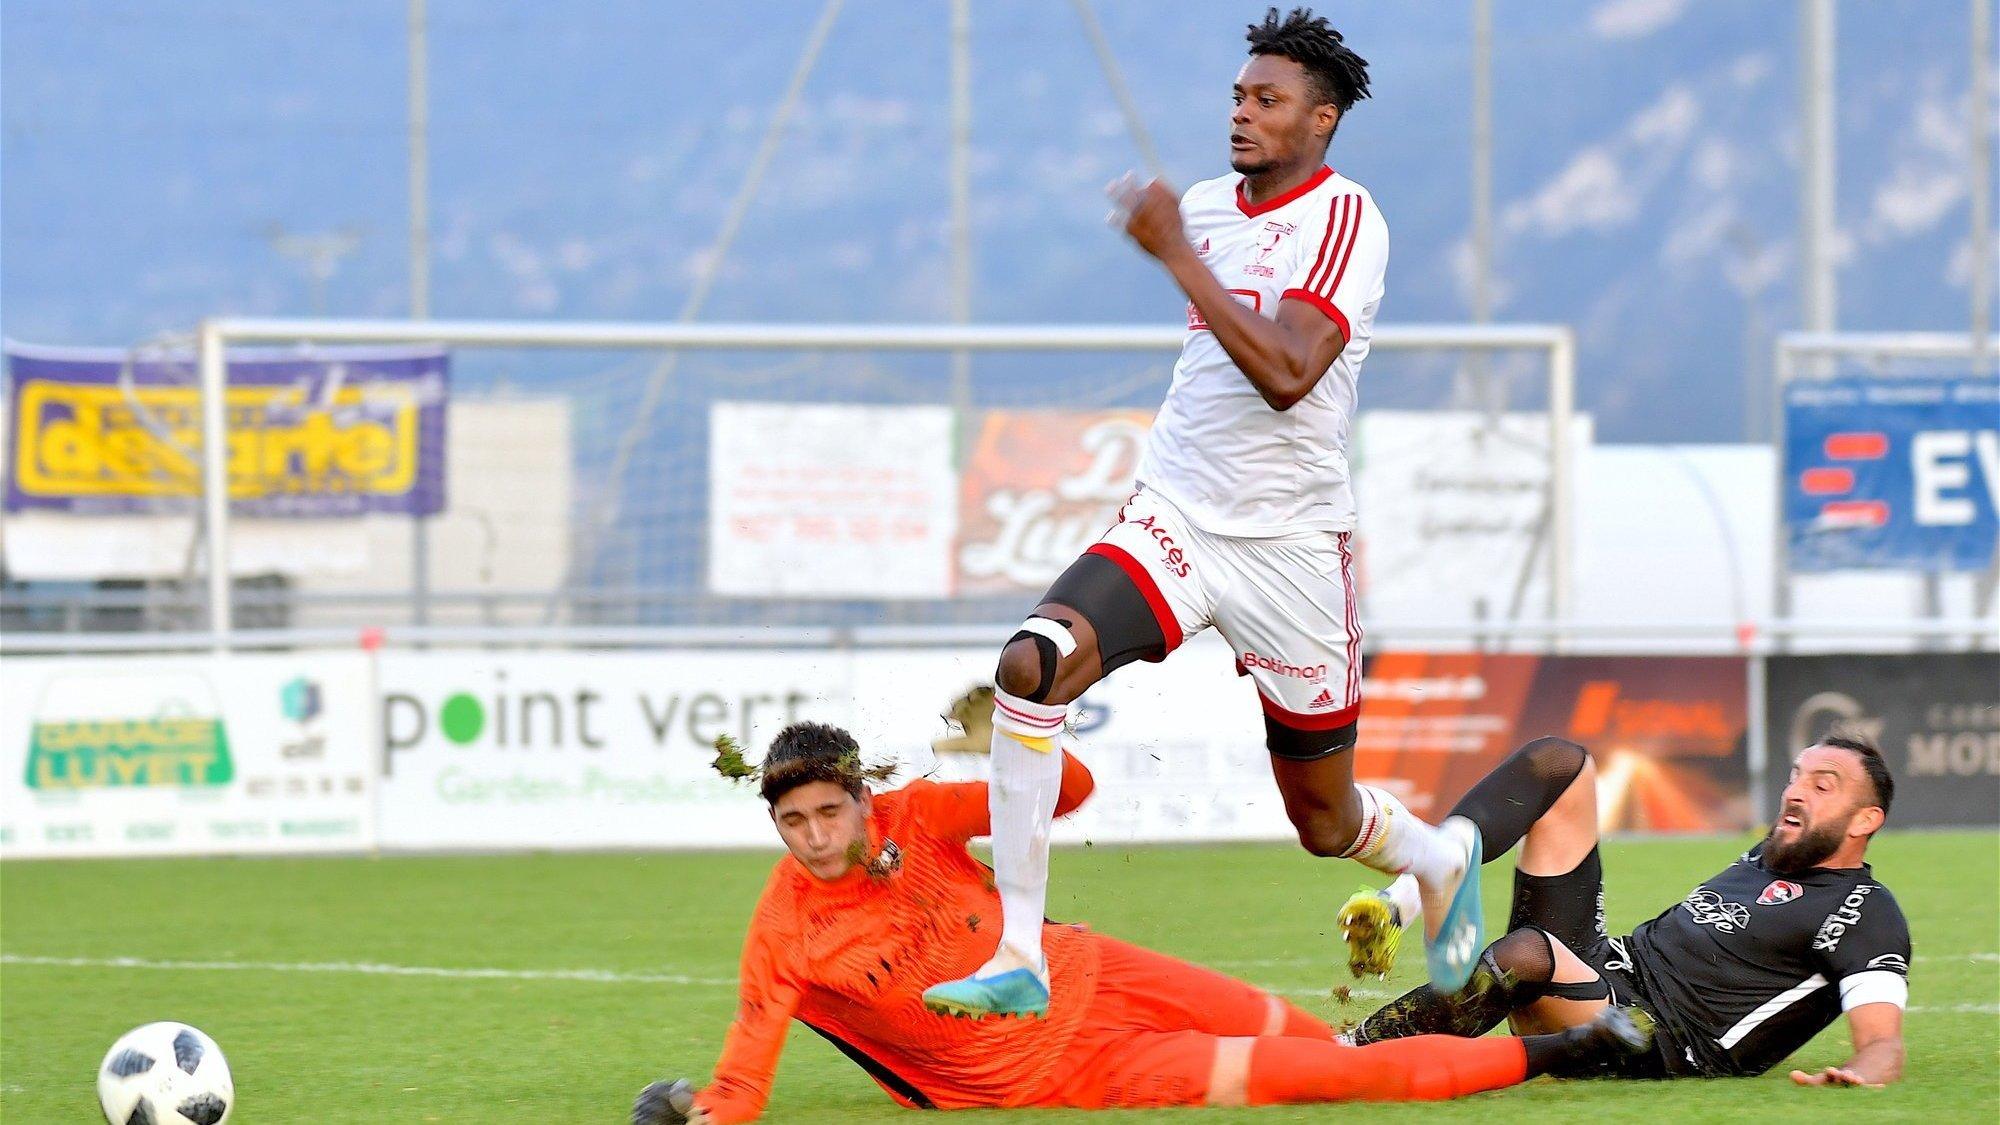 Manu Mvuatu inscrit l'un de ses deux buts pour le FC Savièse contre le FC Prishtina Berne.